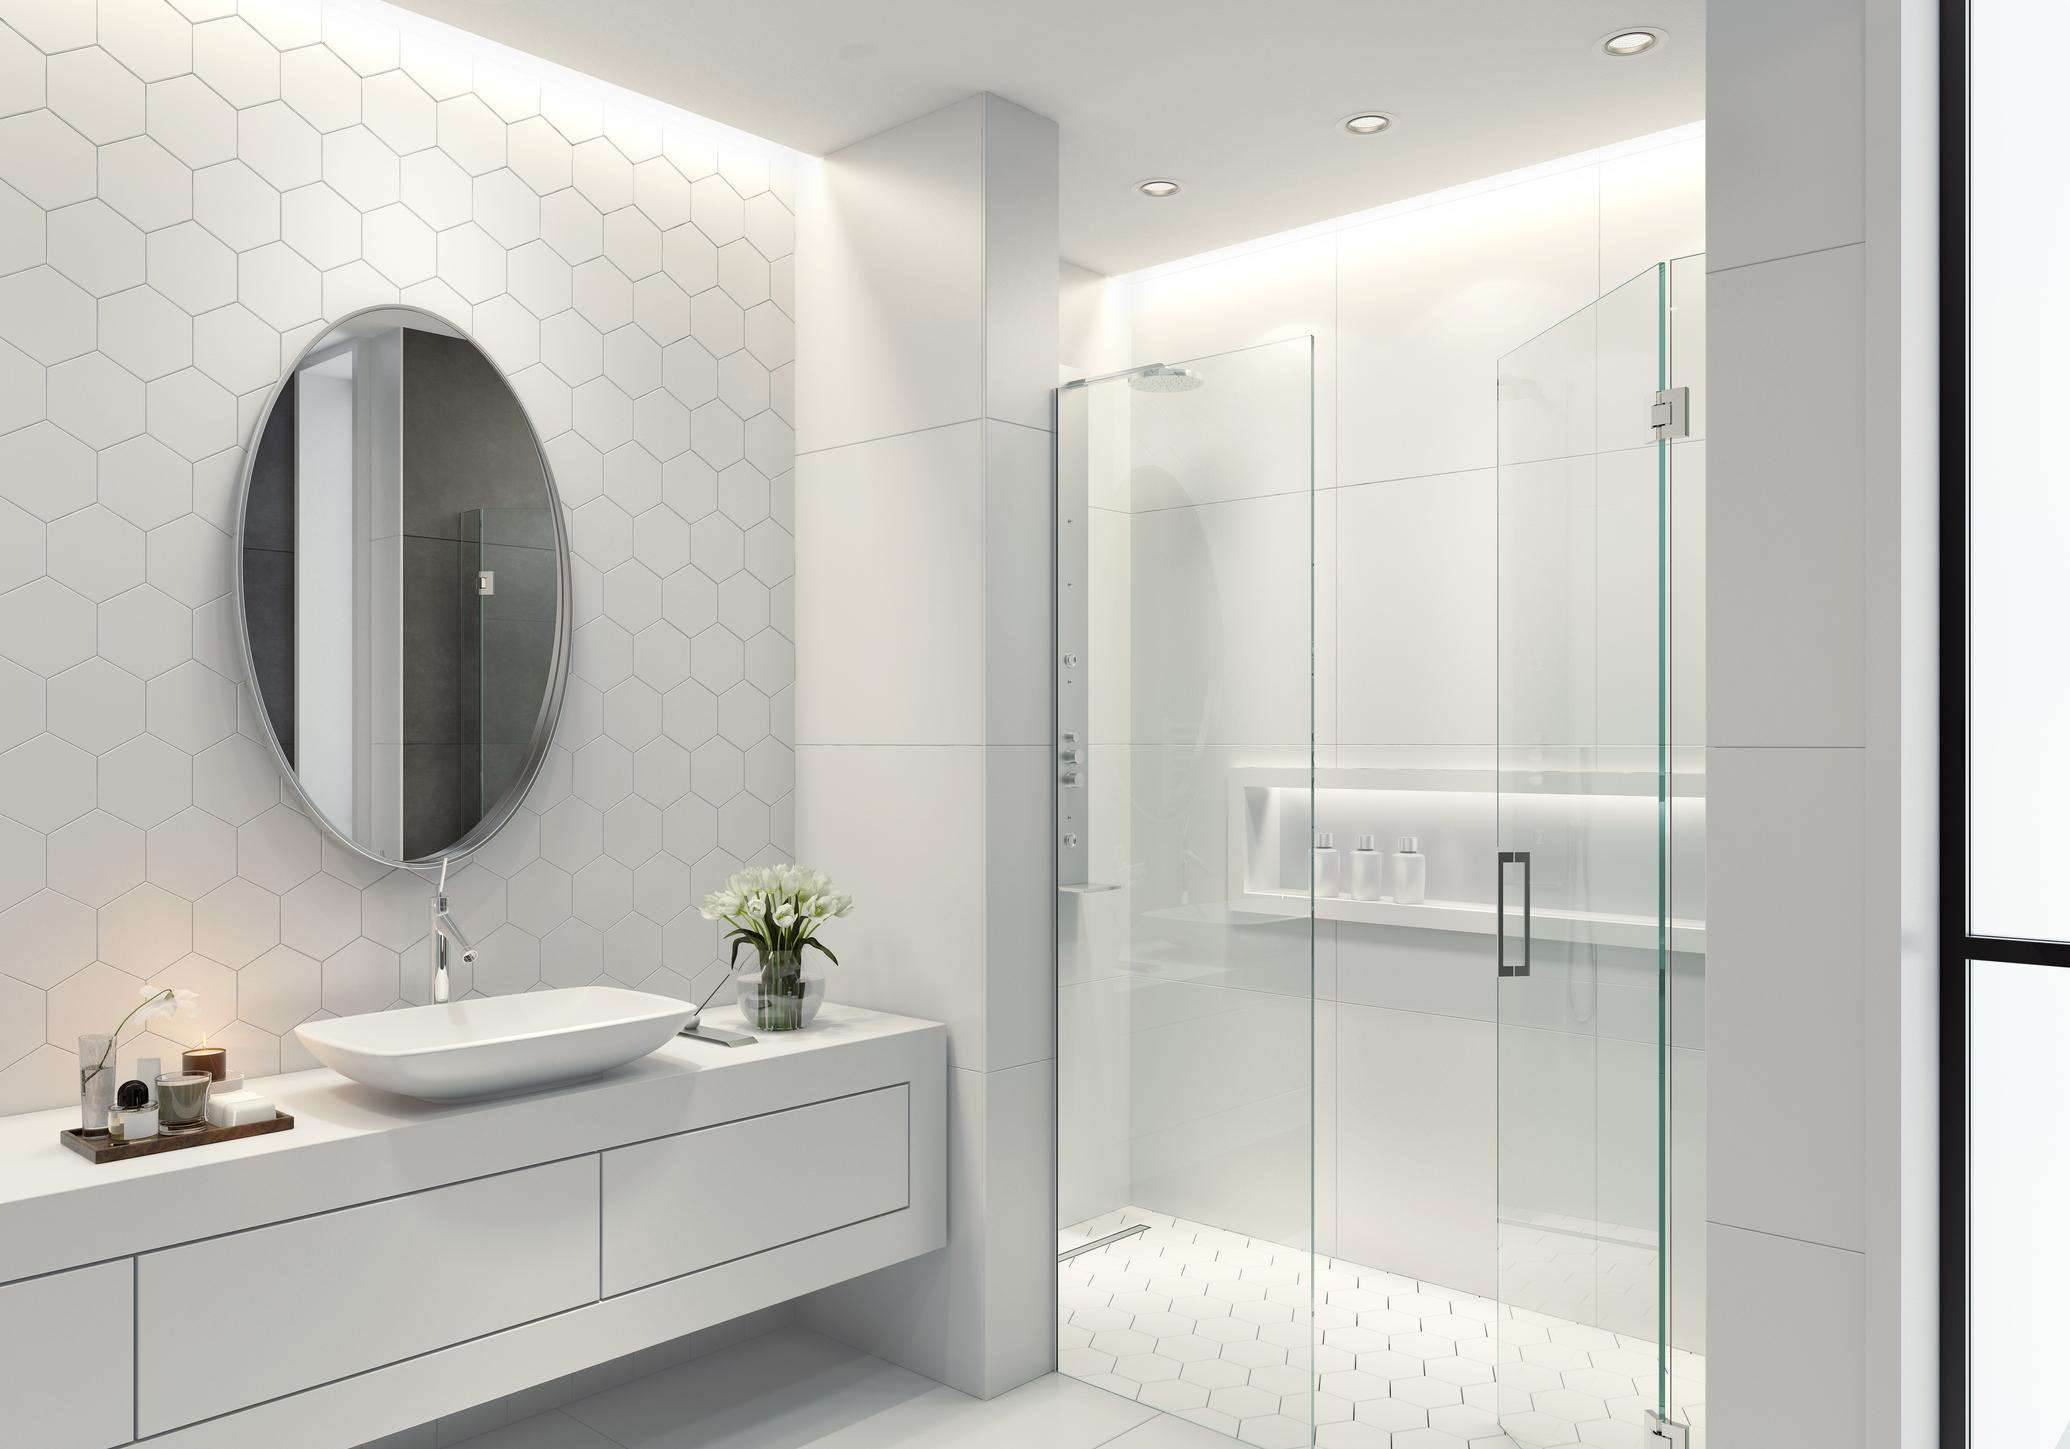 Ett badrum med sexkantskakel som backsplatta och duschgolv.